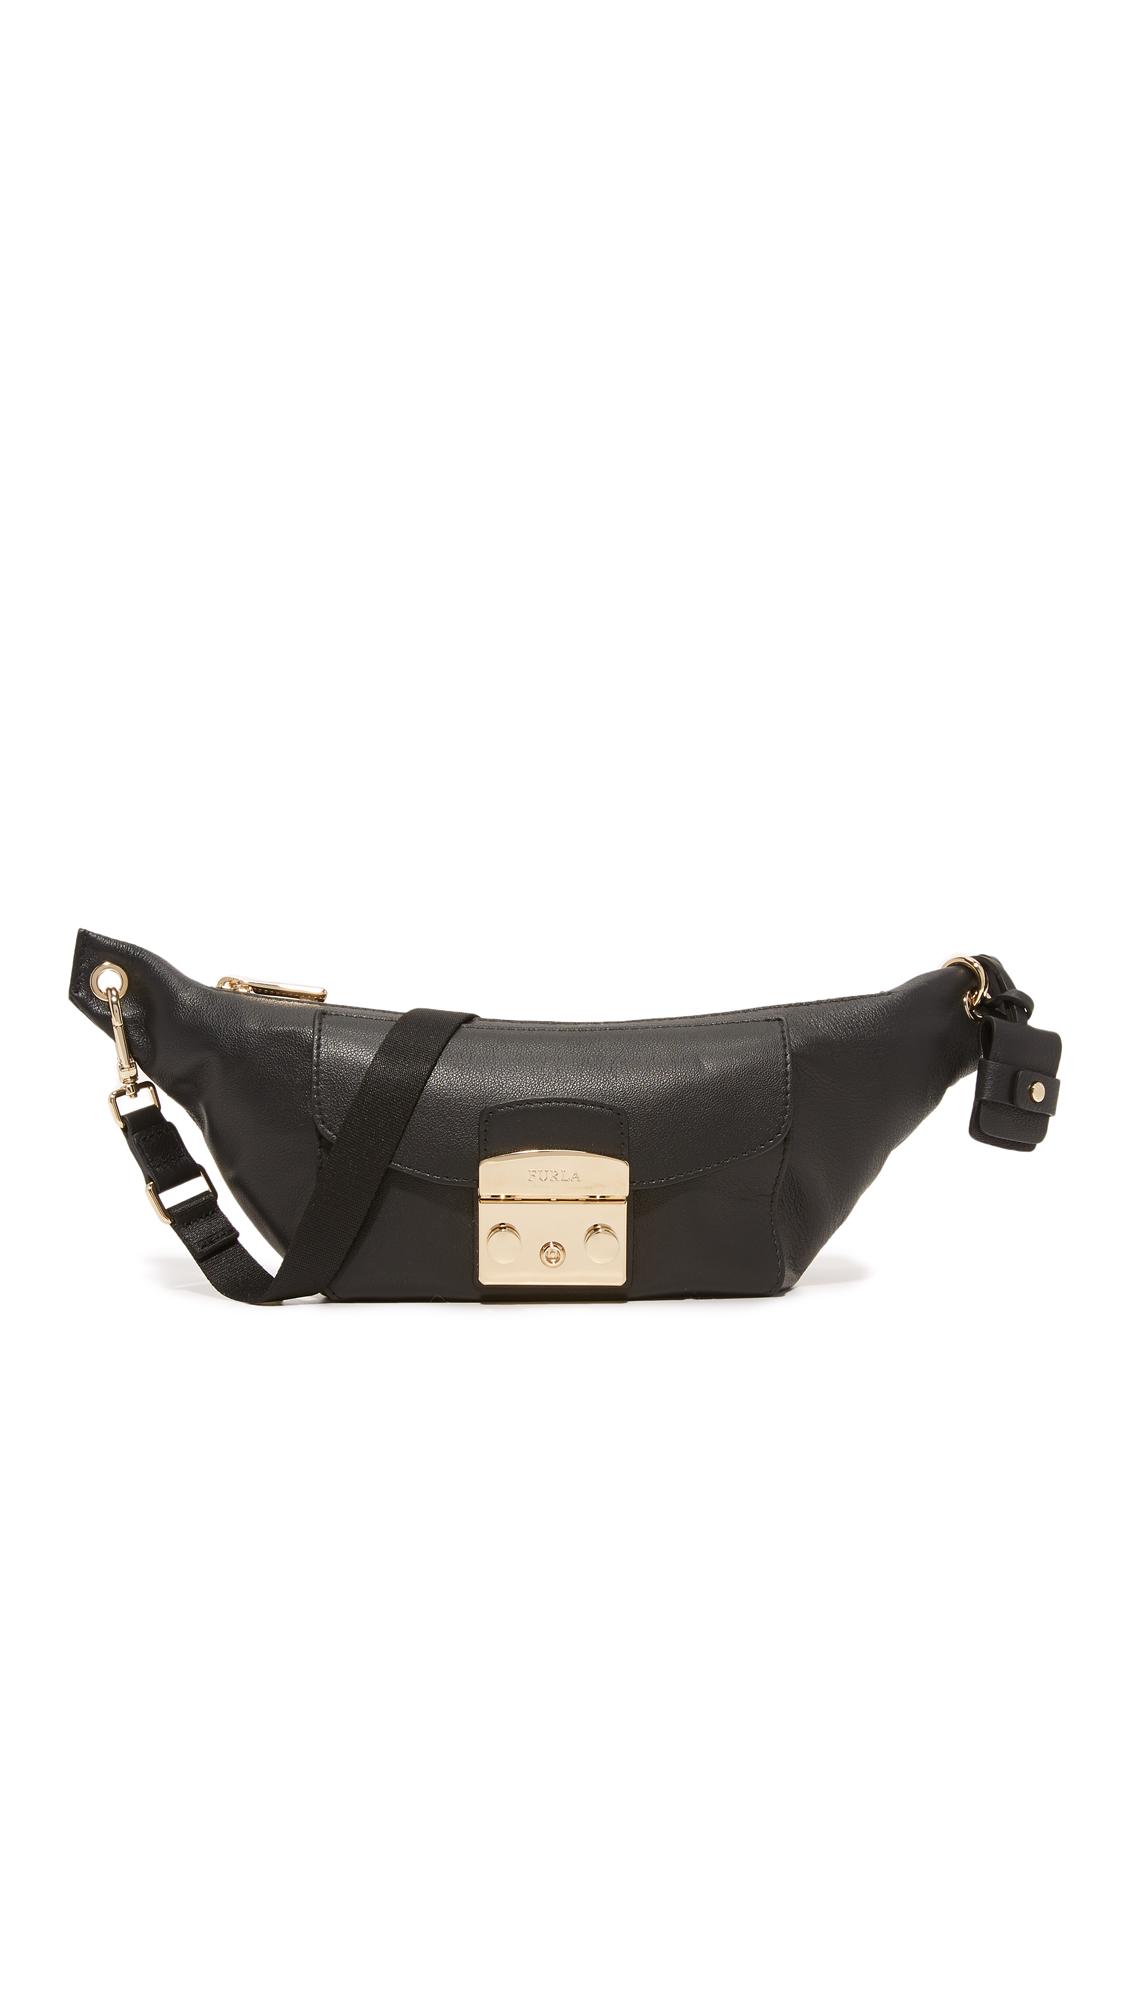 79481100a2b1 Furla Поясная сумка | SHOPBOP